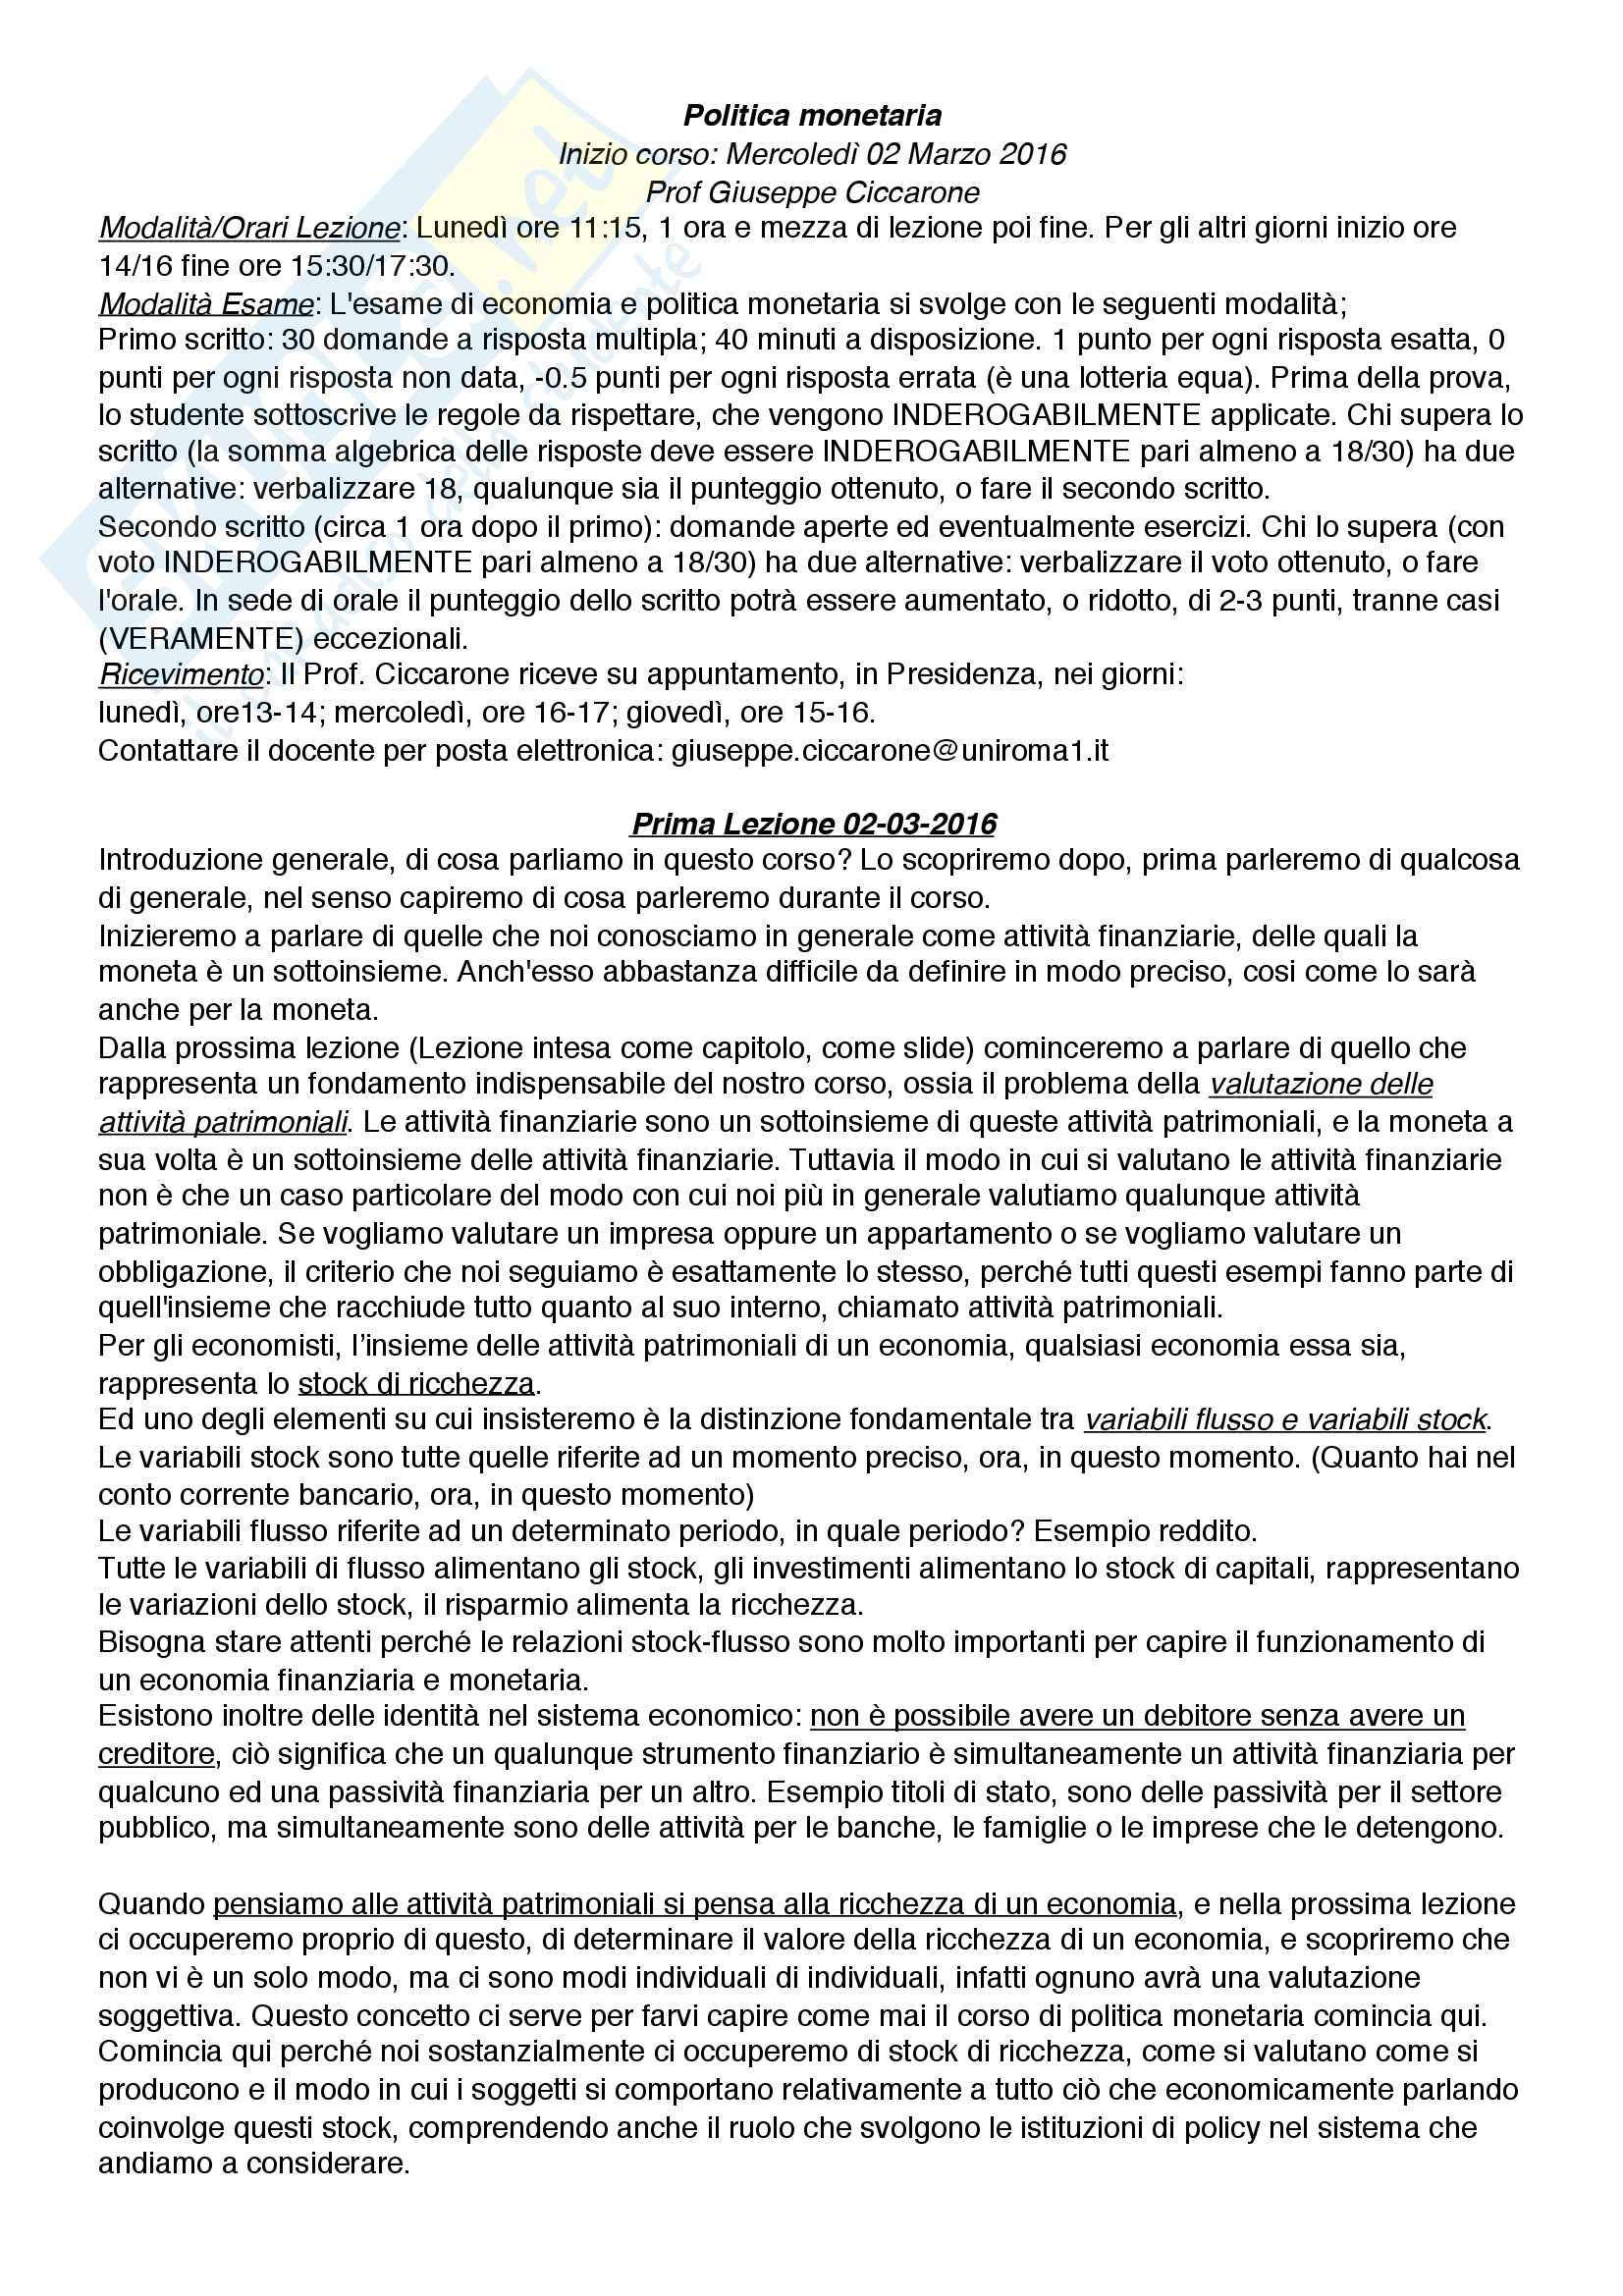 Riassunto Politica Monetaria - Ciccarone